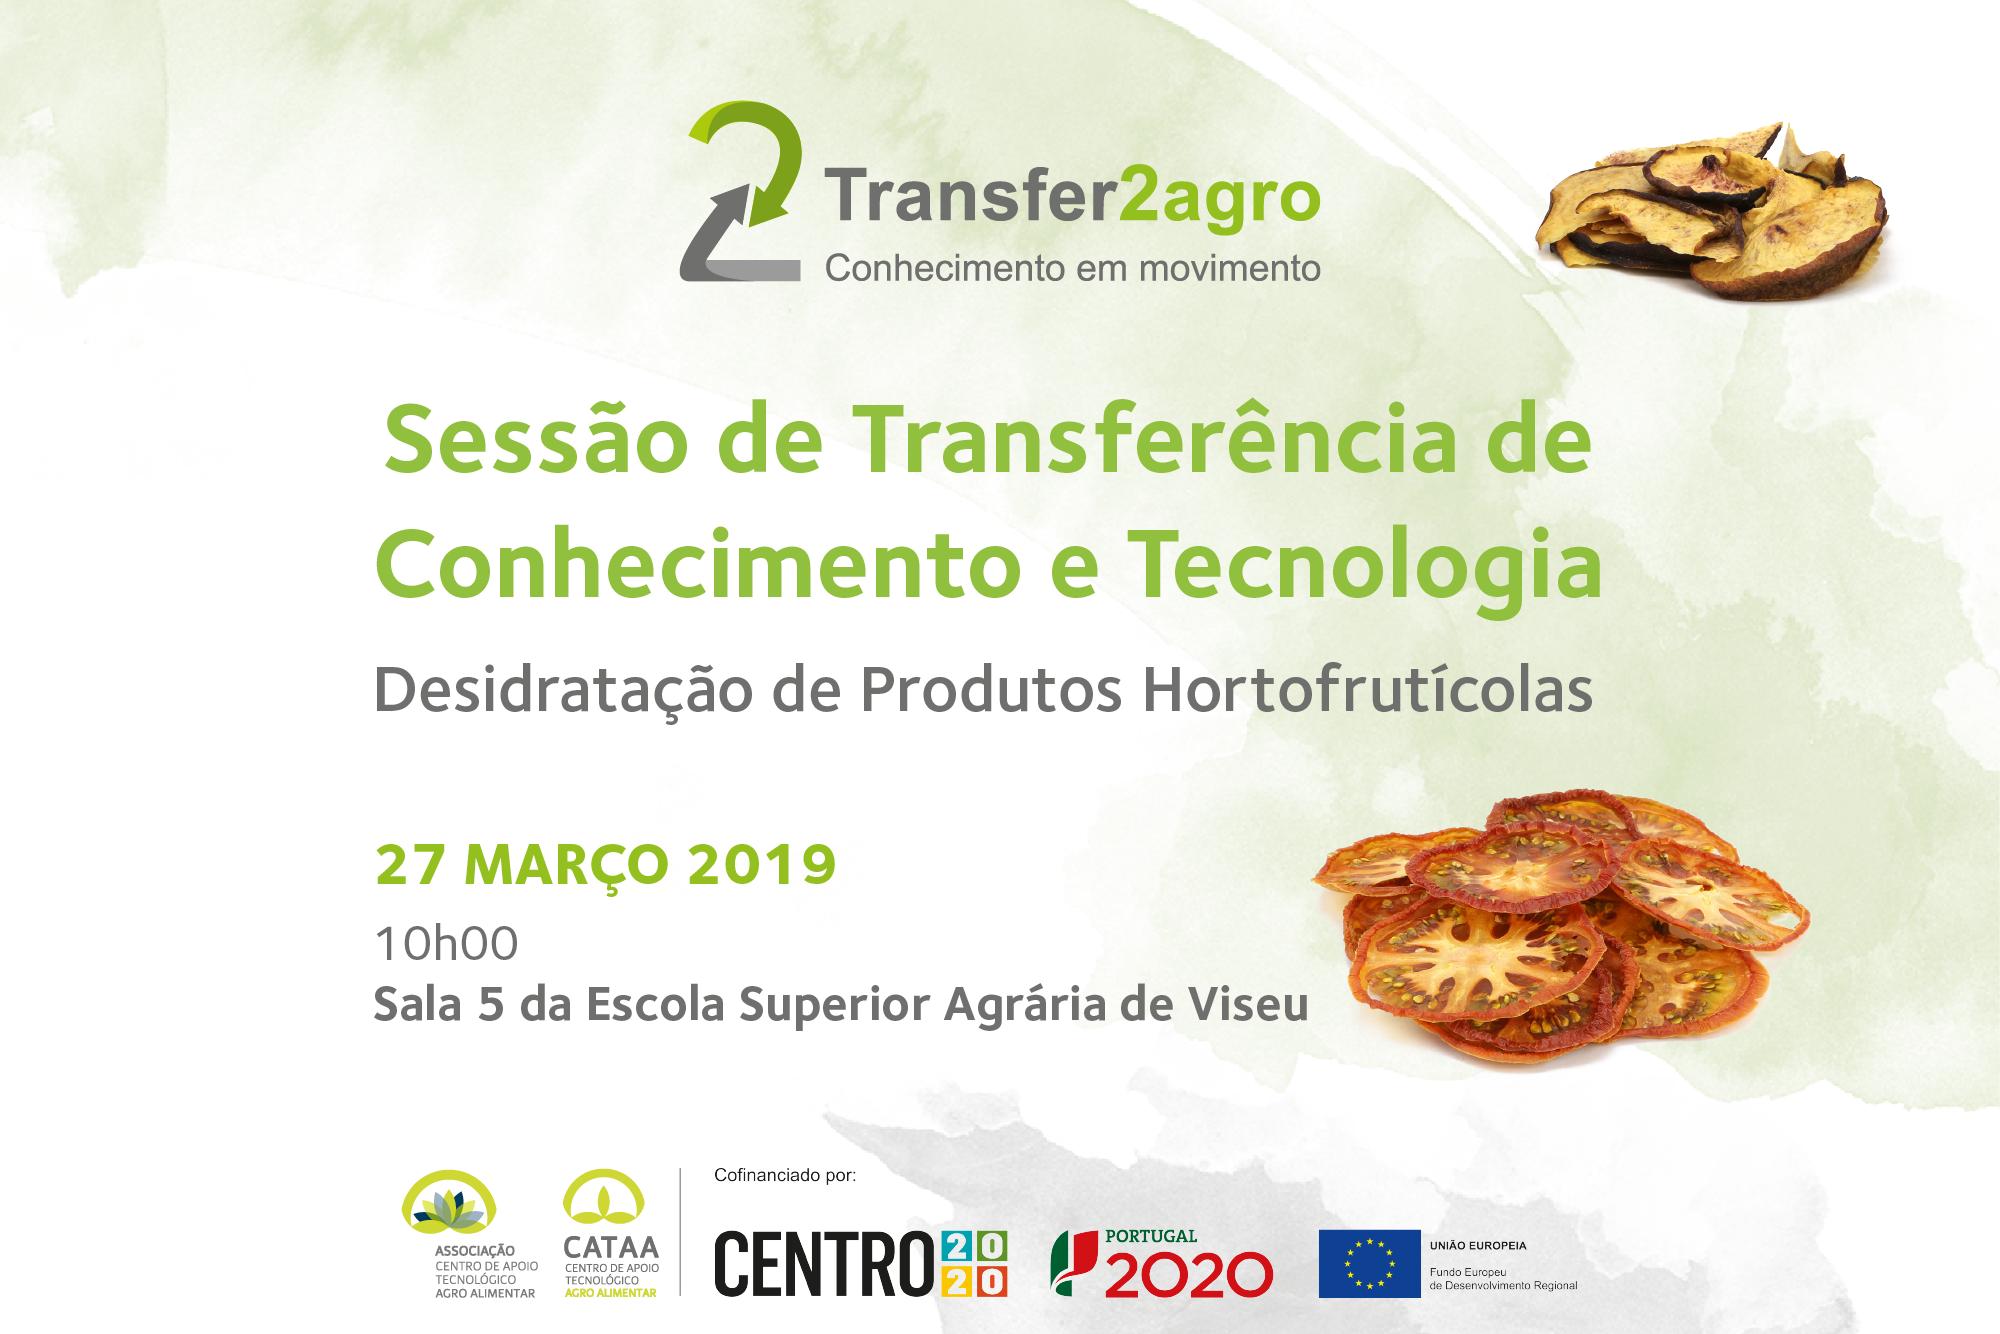 Sessão de Transferência de Conhecimento e Tecnologia   Viseu   27 março 2019